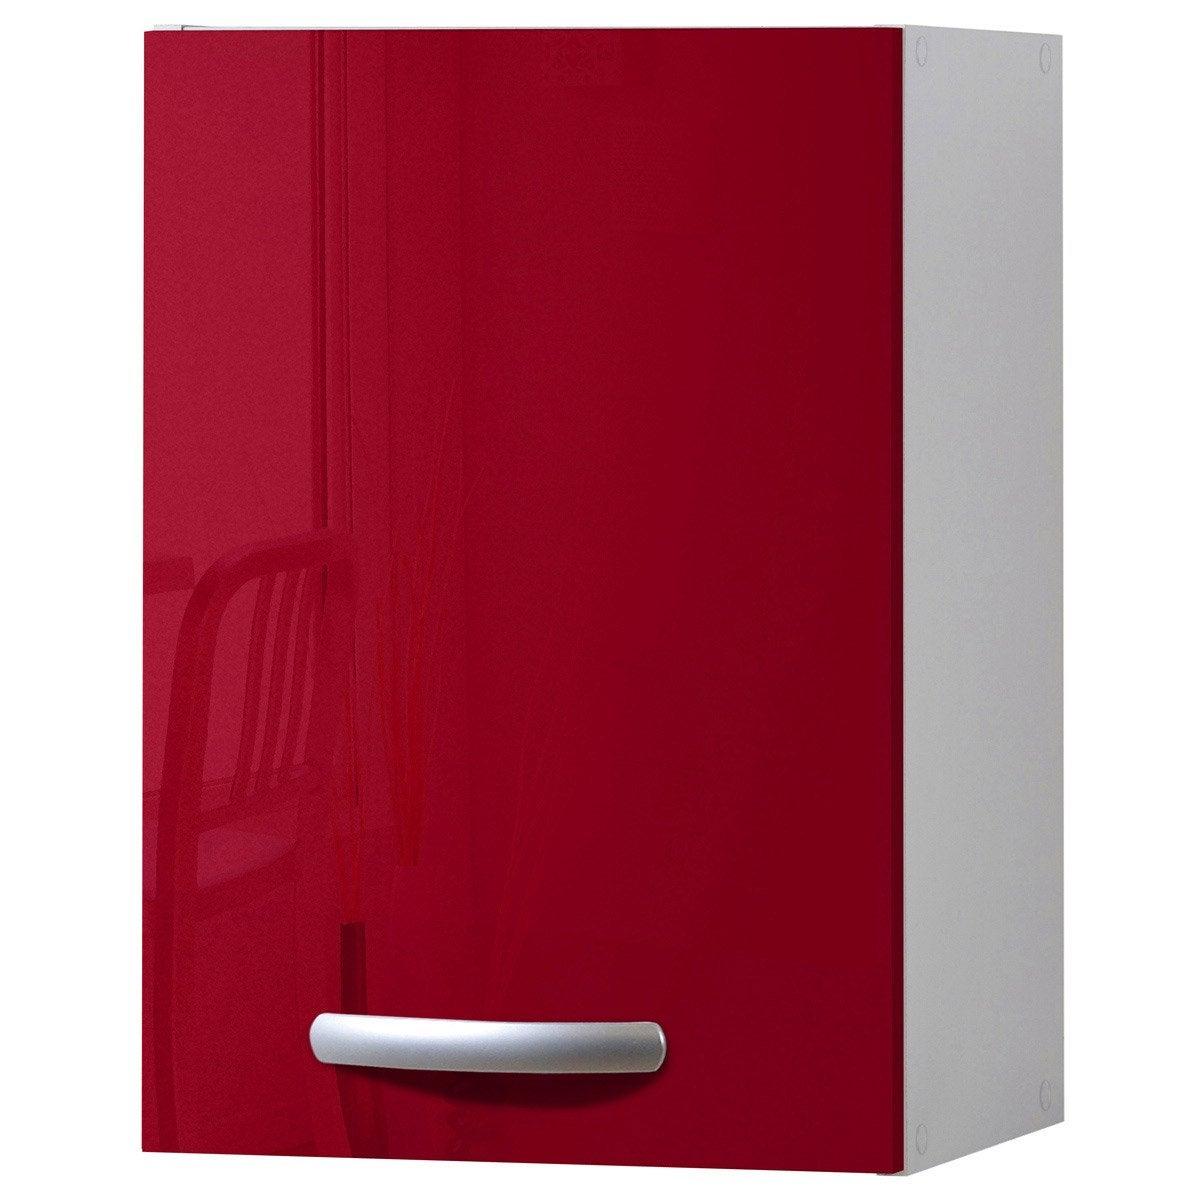 meuble de cuisine haut 1 porte rouge brillant h57x l40x. Black Bedroom Furniture Sets. Home Design Ideas